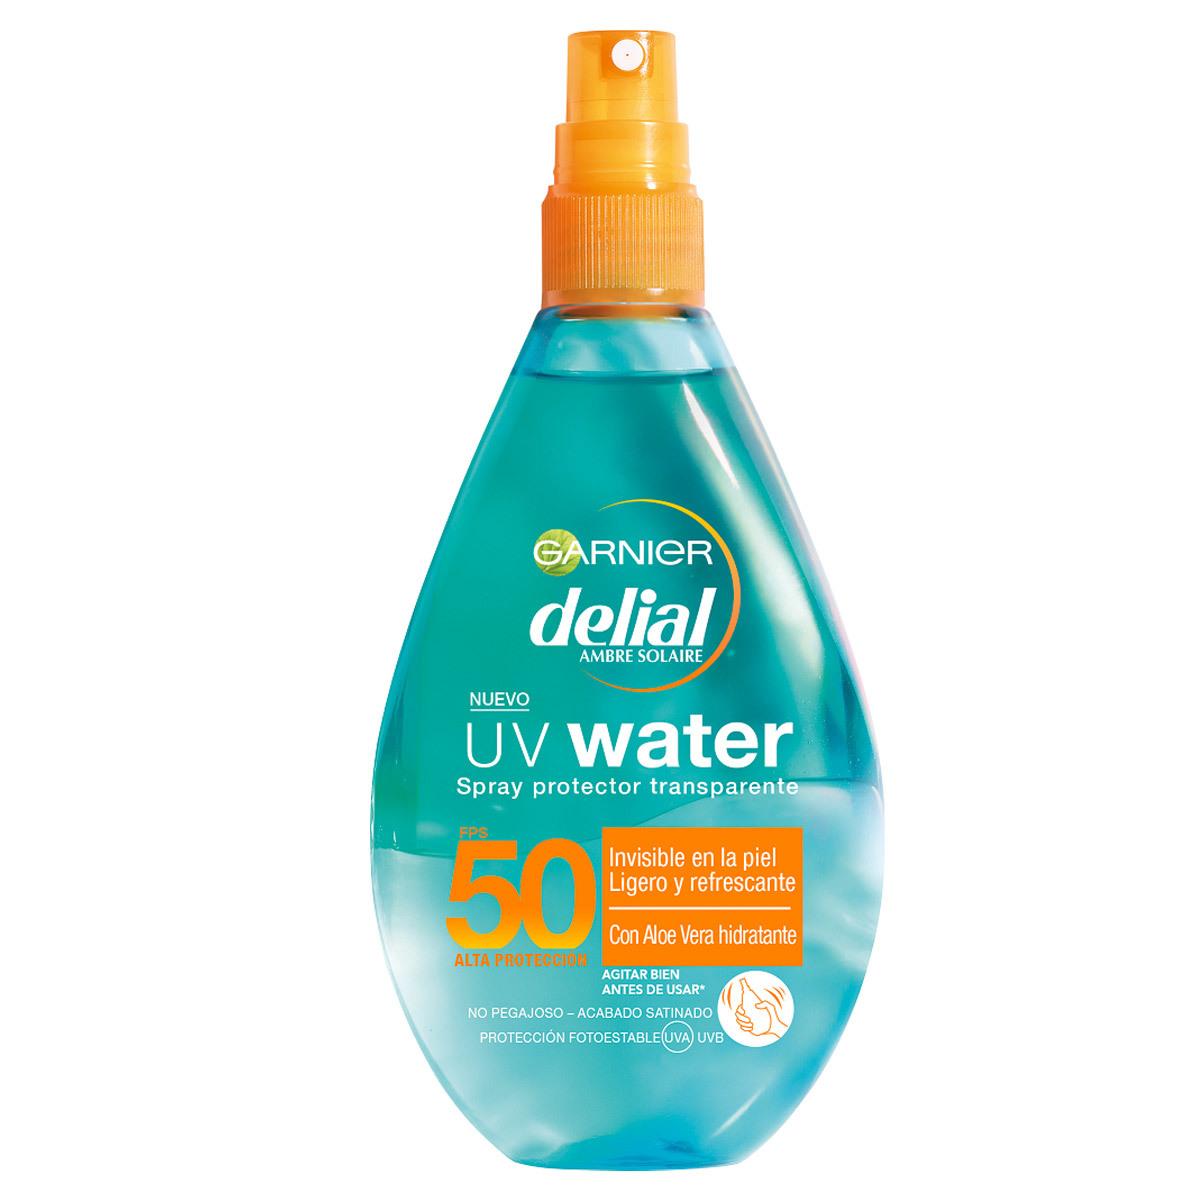 UV Water SPF 50 Delial de Garnier (14,90 euros).